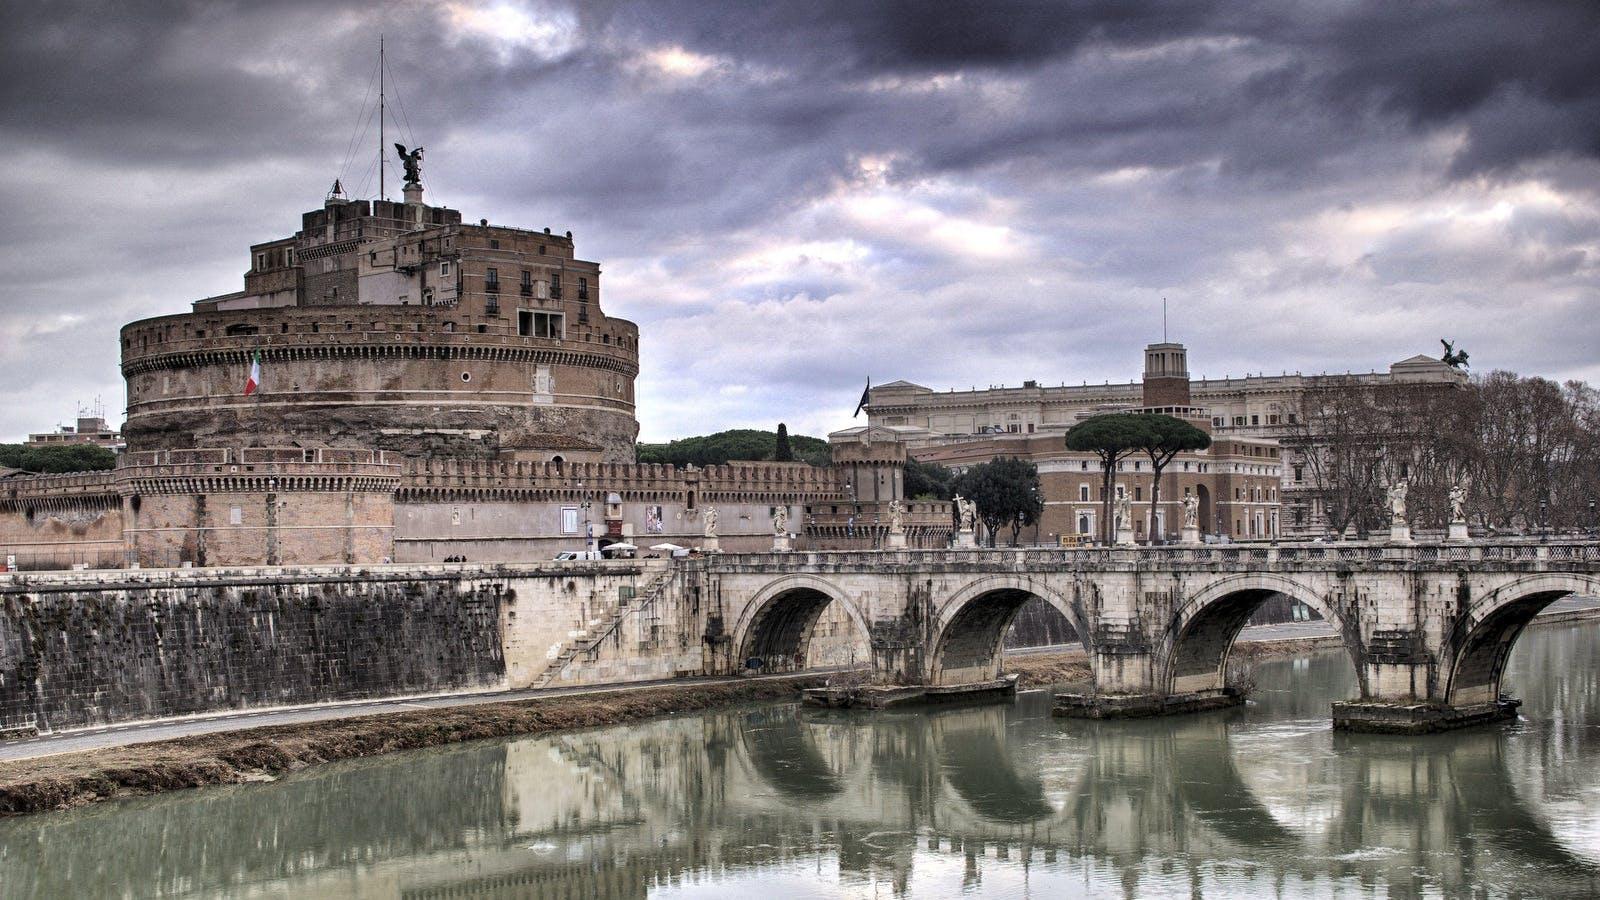 イタリア, ゴシック, サンタンジェロ城, シティの無料の写真素材